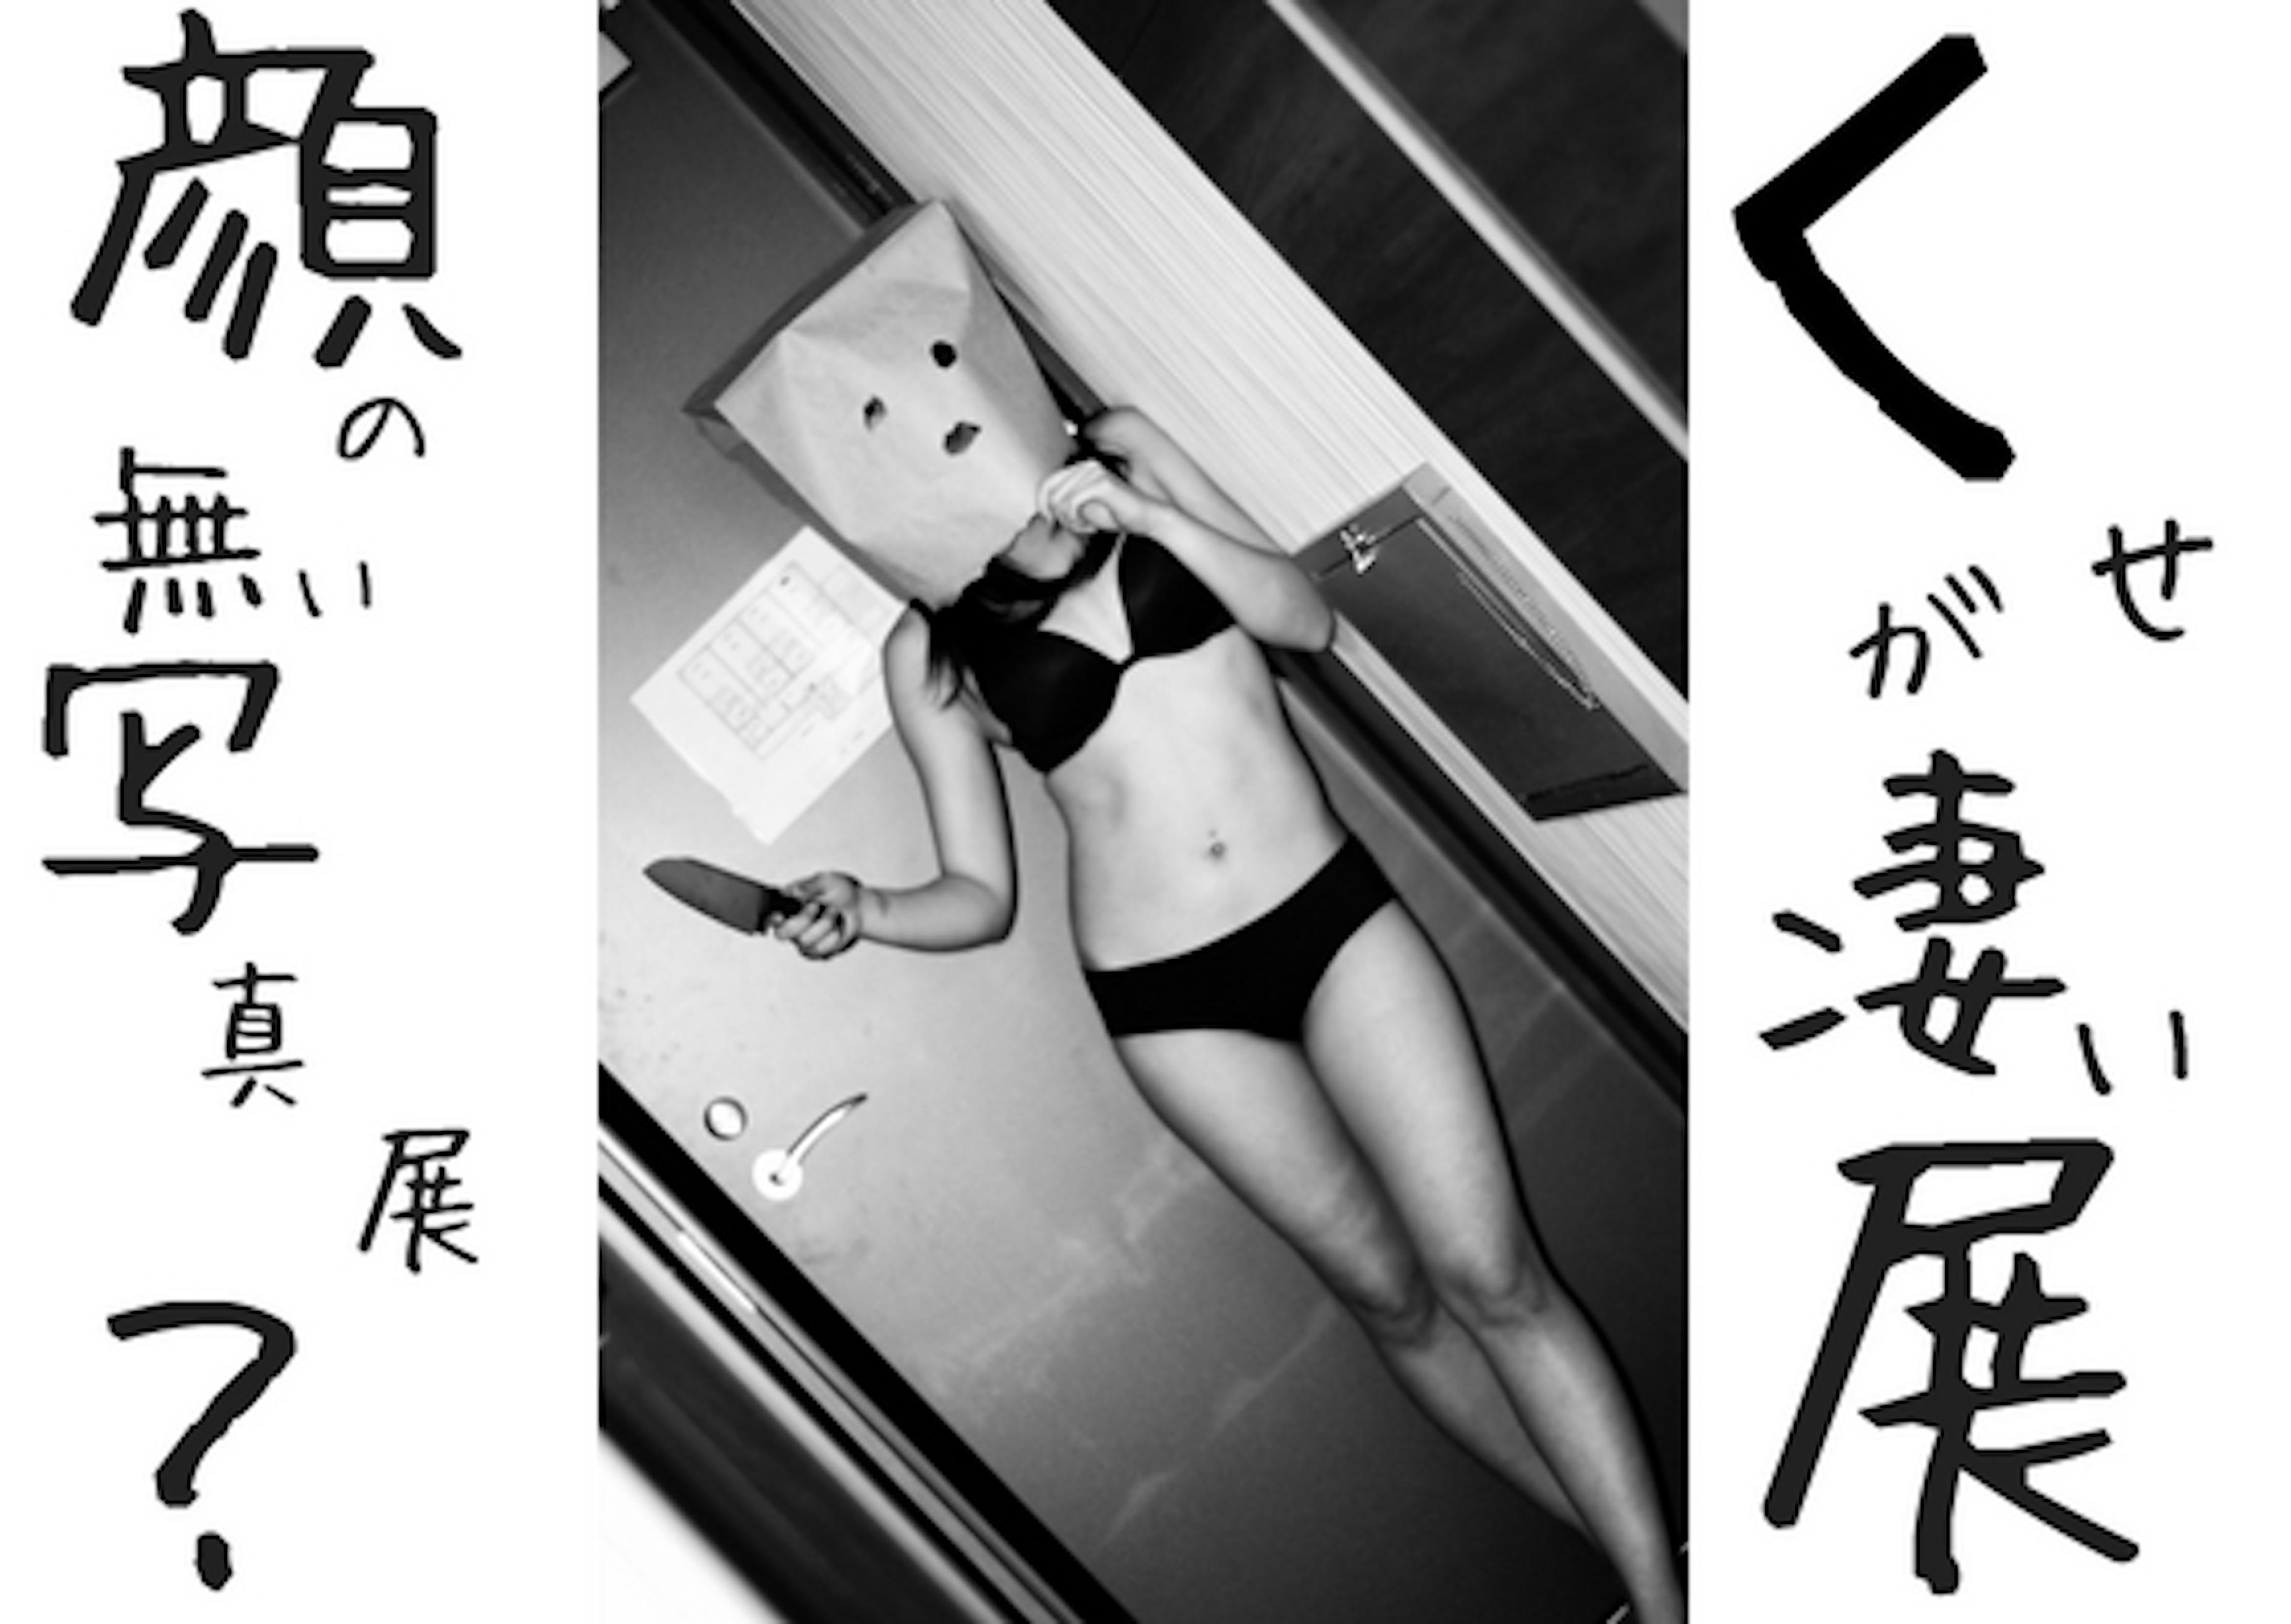 【入場無料】男女経歴バラバラの4人による「くせが凄い展」7月23日(月)より